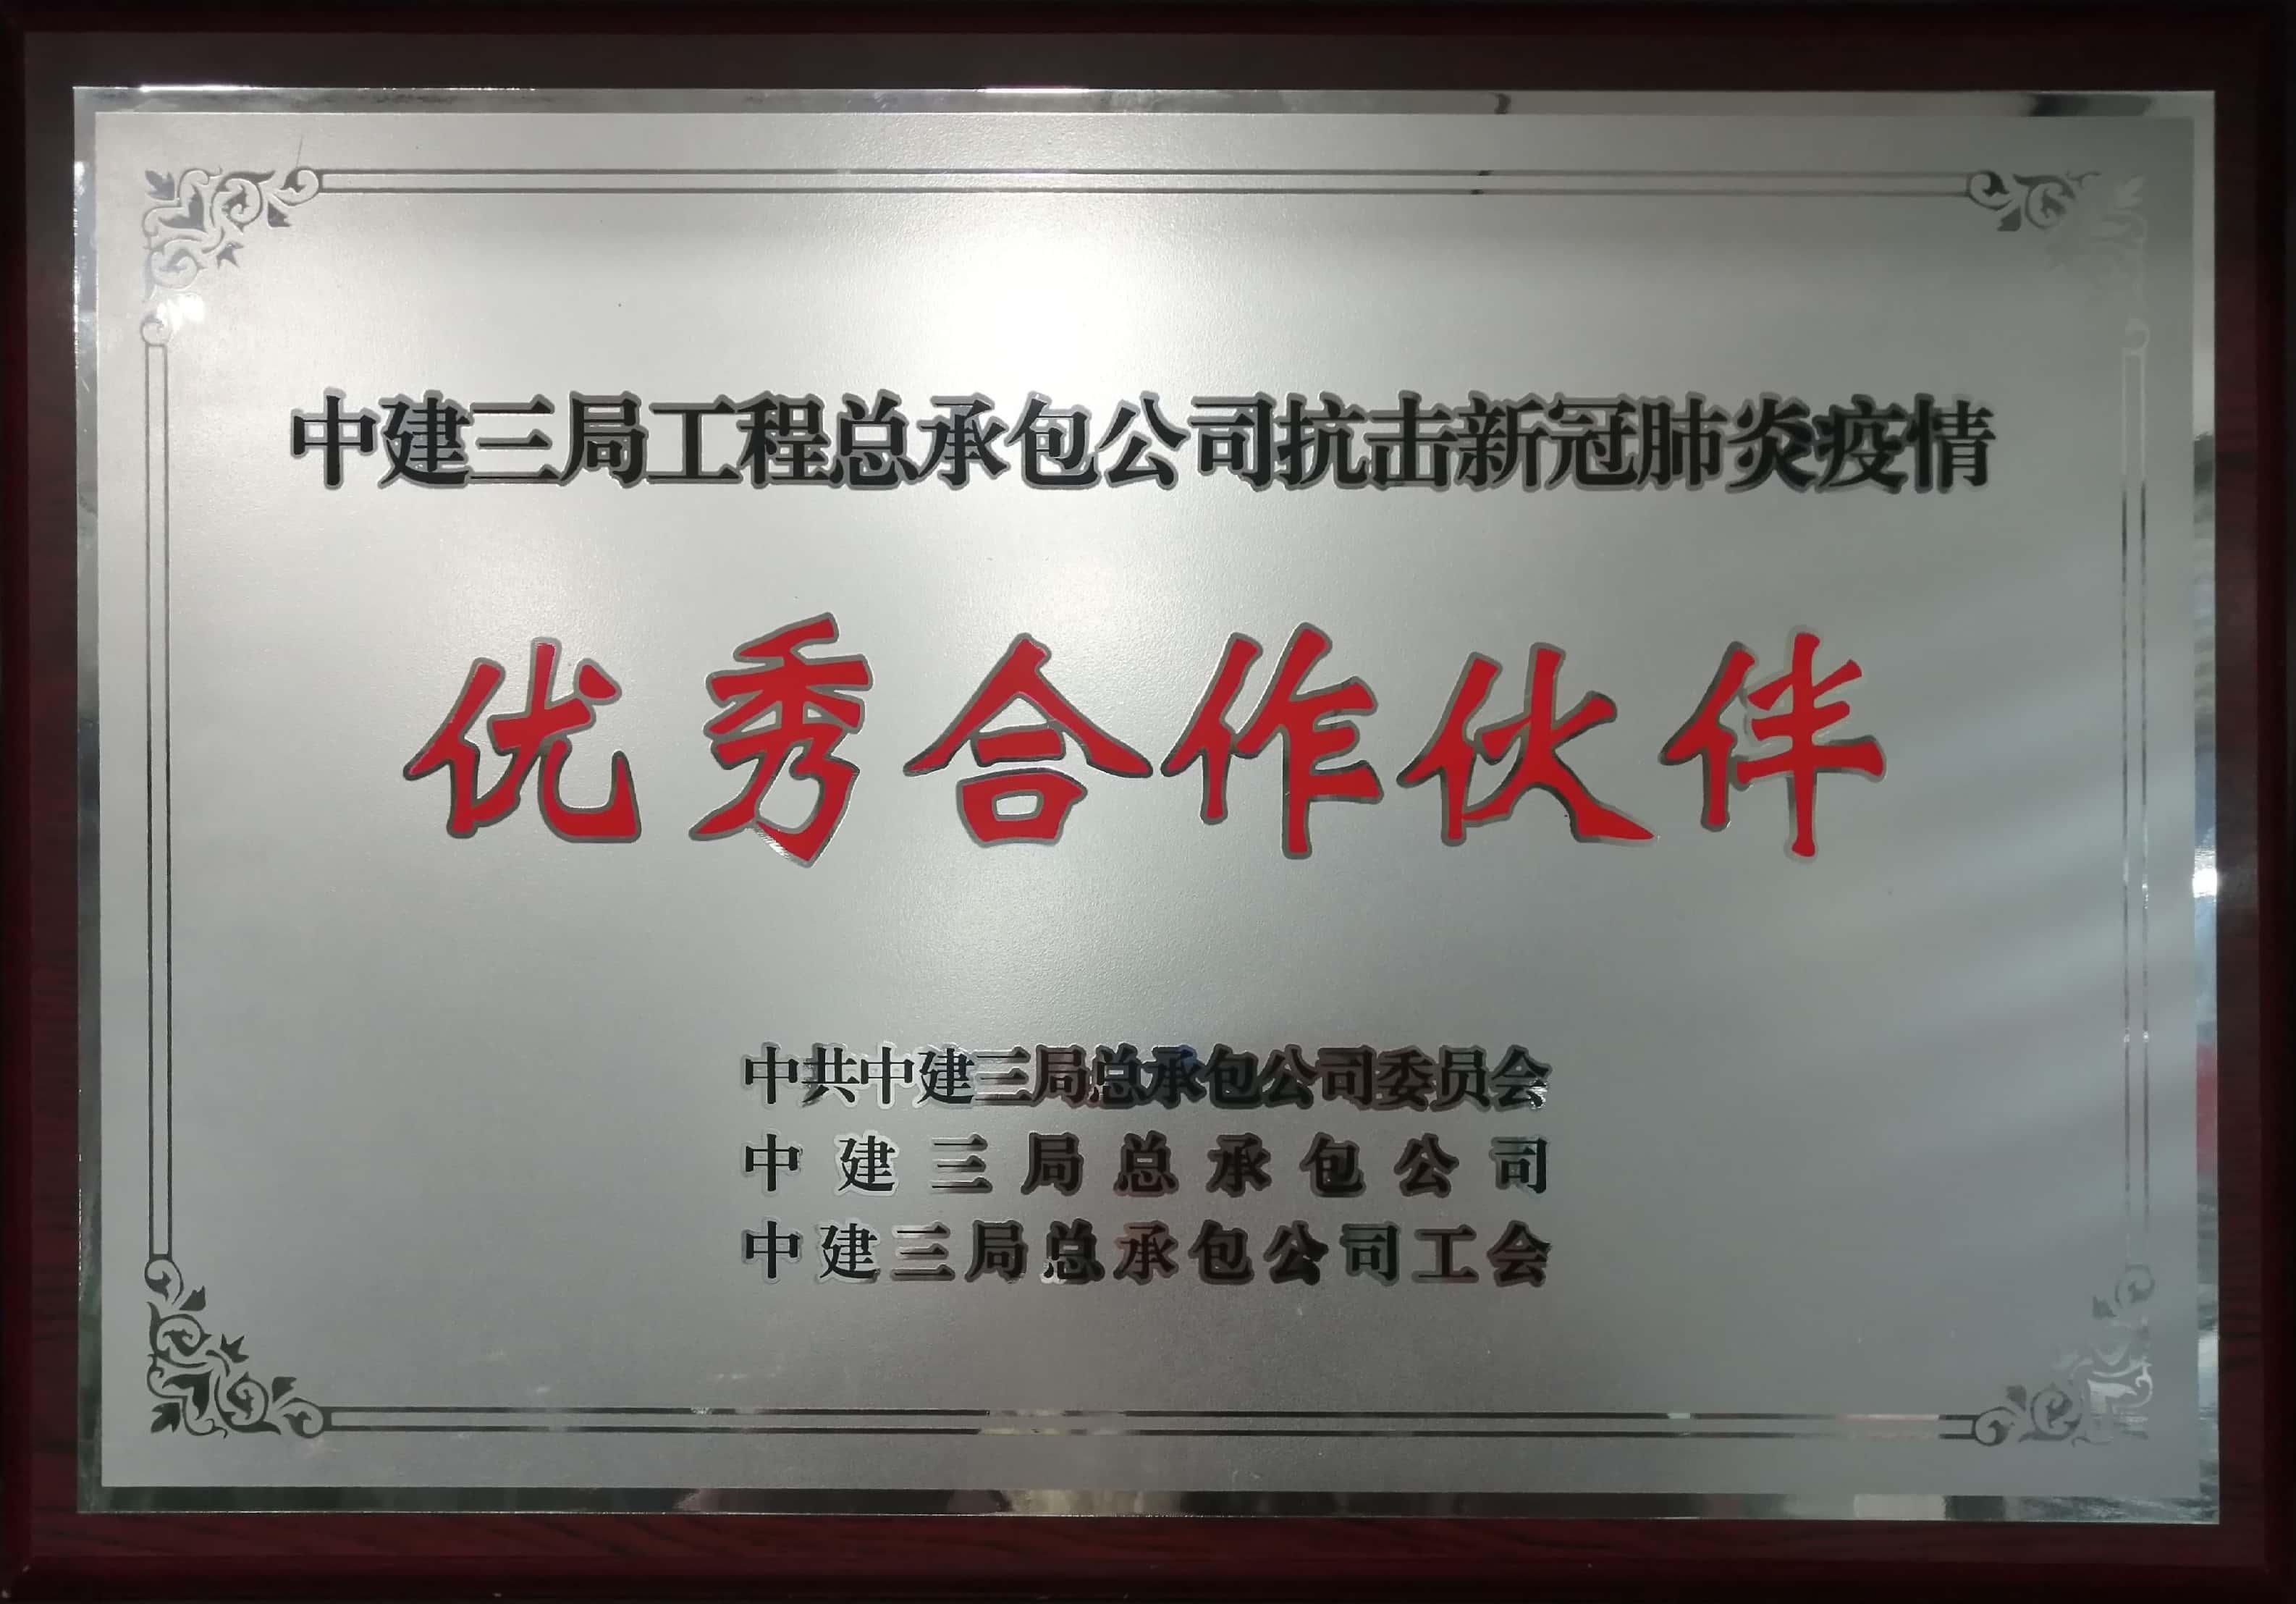 """中建三局工程總承包公司抗擊新冠肺炎疫情""""優秀合作伙伴""""稱號獎牌"""